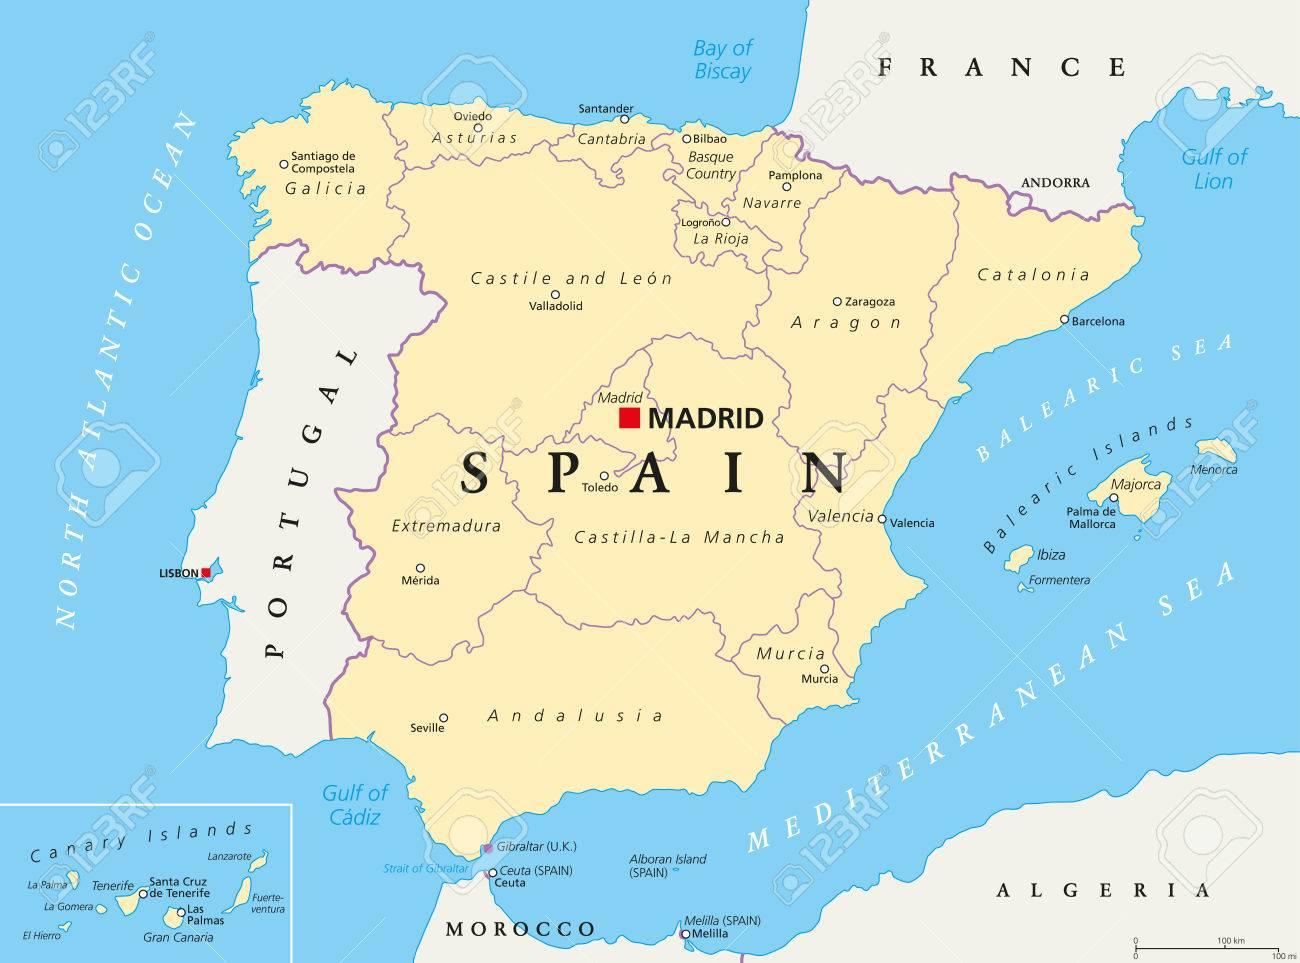 Mapa De España Provincias Y Comunidades.Mapa Politico De Las Divisiones Administrativas De Espana Comunidades Autonomas Y Sus Capitales Organizacion Territorial Municipalidades